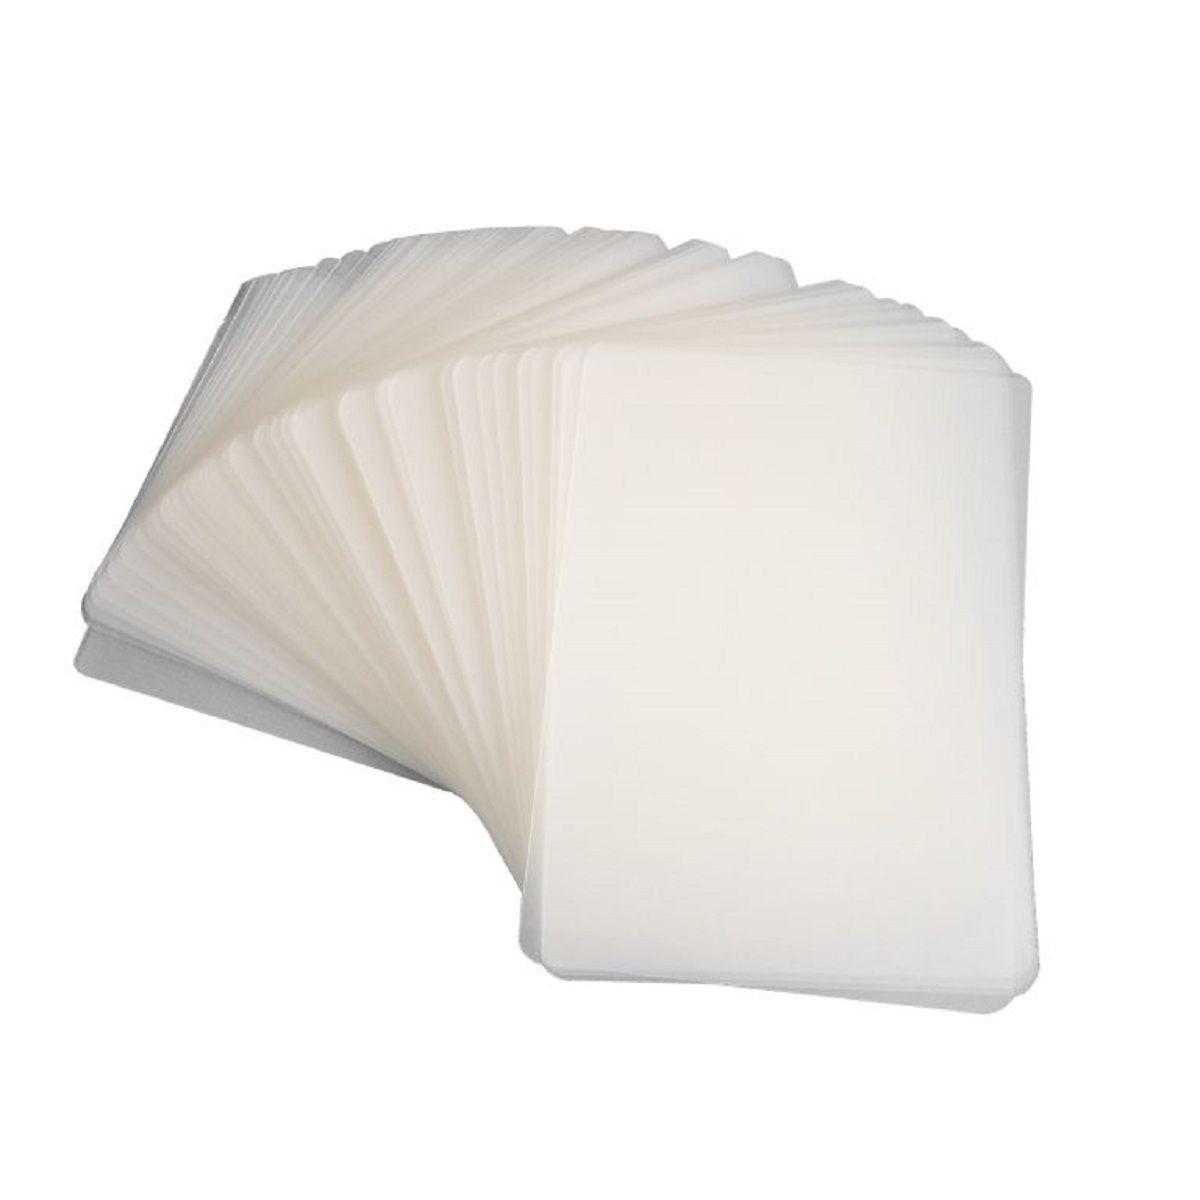 Kit 160 Plásticos Polaseal para Plastificação 0,05mm (125 micras) - RG, 1/2 Oficio, A4 e Oficio  - Click Suprimentos